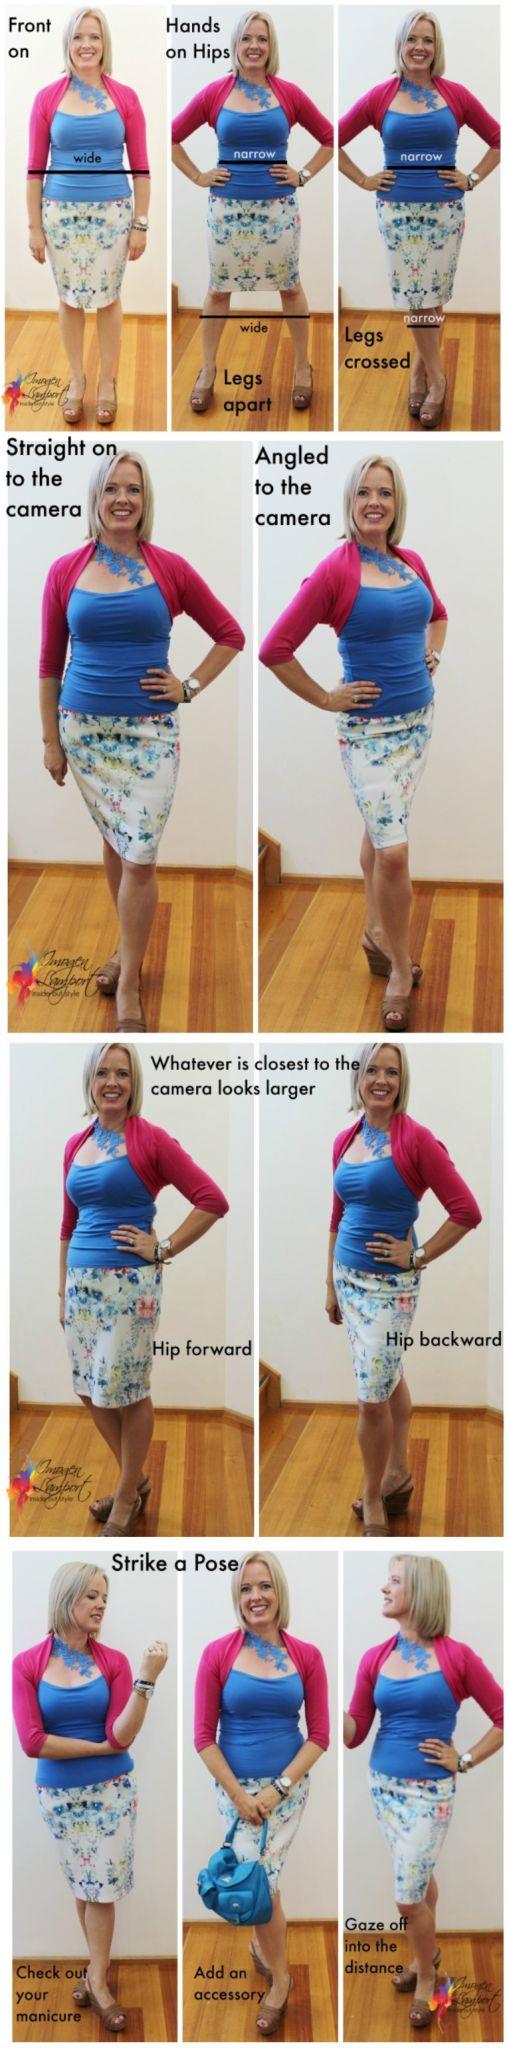 how to look slimmer in a selfie